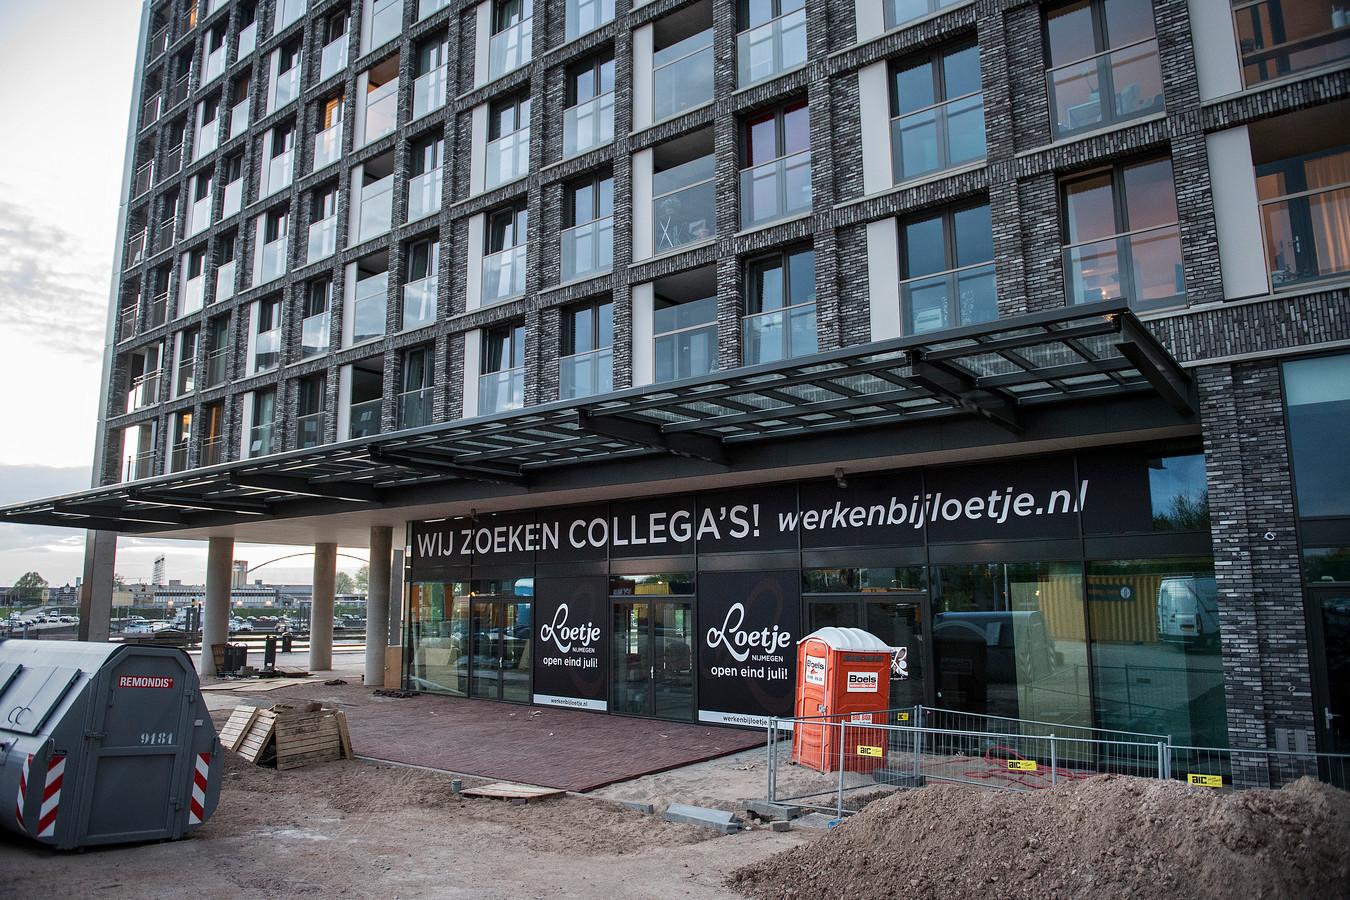 Loetje, het nieuwe restaurant  aan de Handelskade in Nijmegen, is op zoek naar personeel.